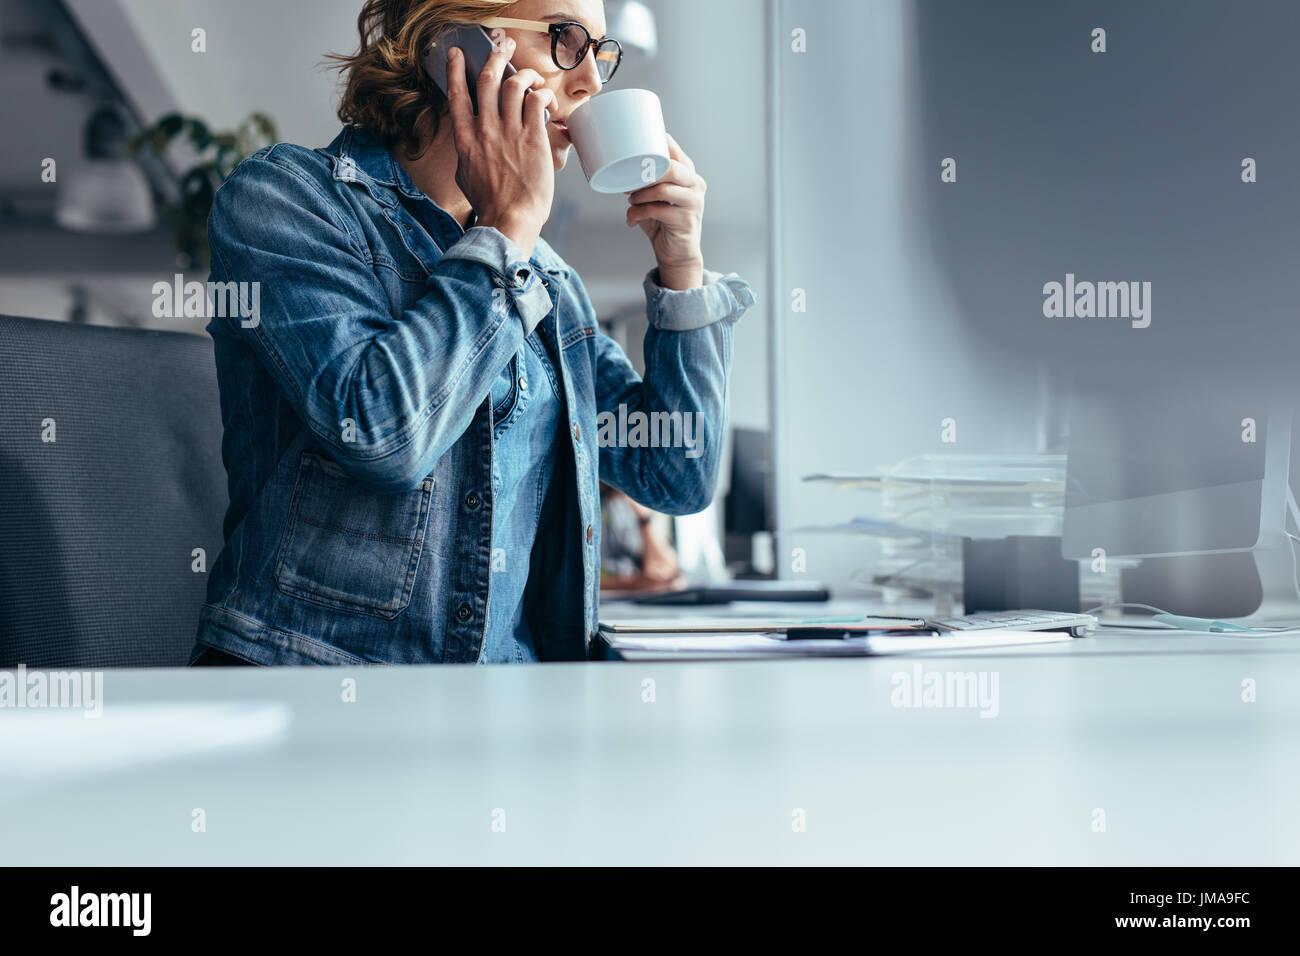 Mujeres en el trabajo, tomando café y hablando por teléfono móvil. Joven Empresaria en el trabajo, realizar llamadas telefónicas y con café. Imagen De Stock